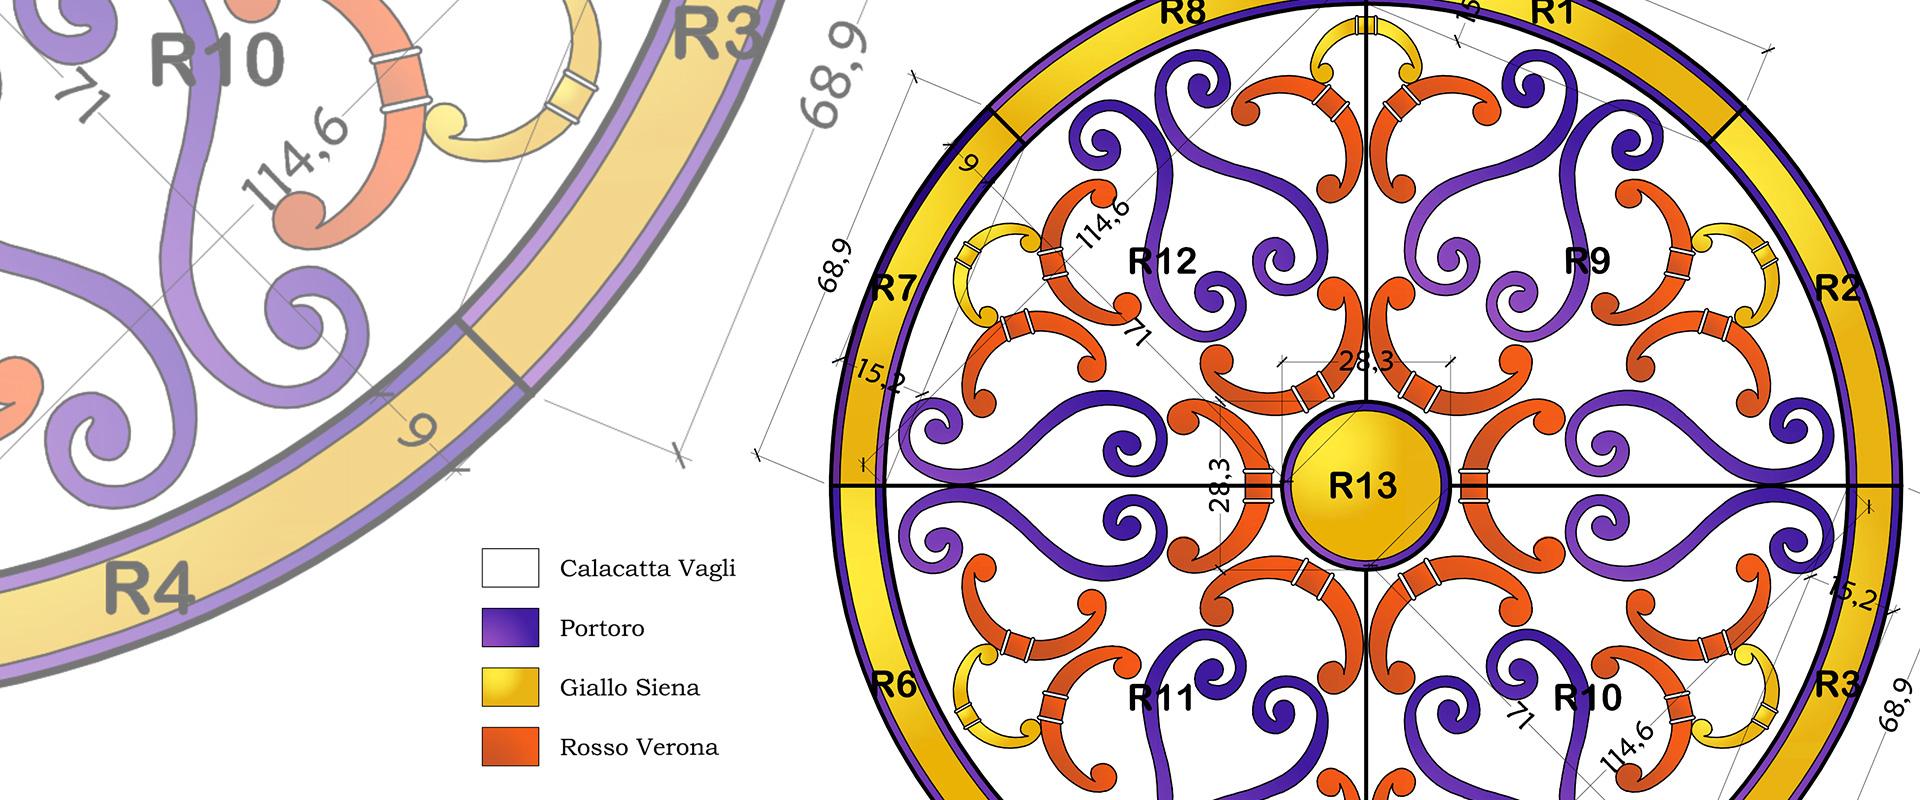 rosone policromo in pavimento di marmo Calacatta